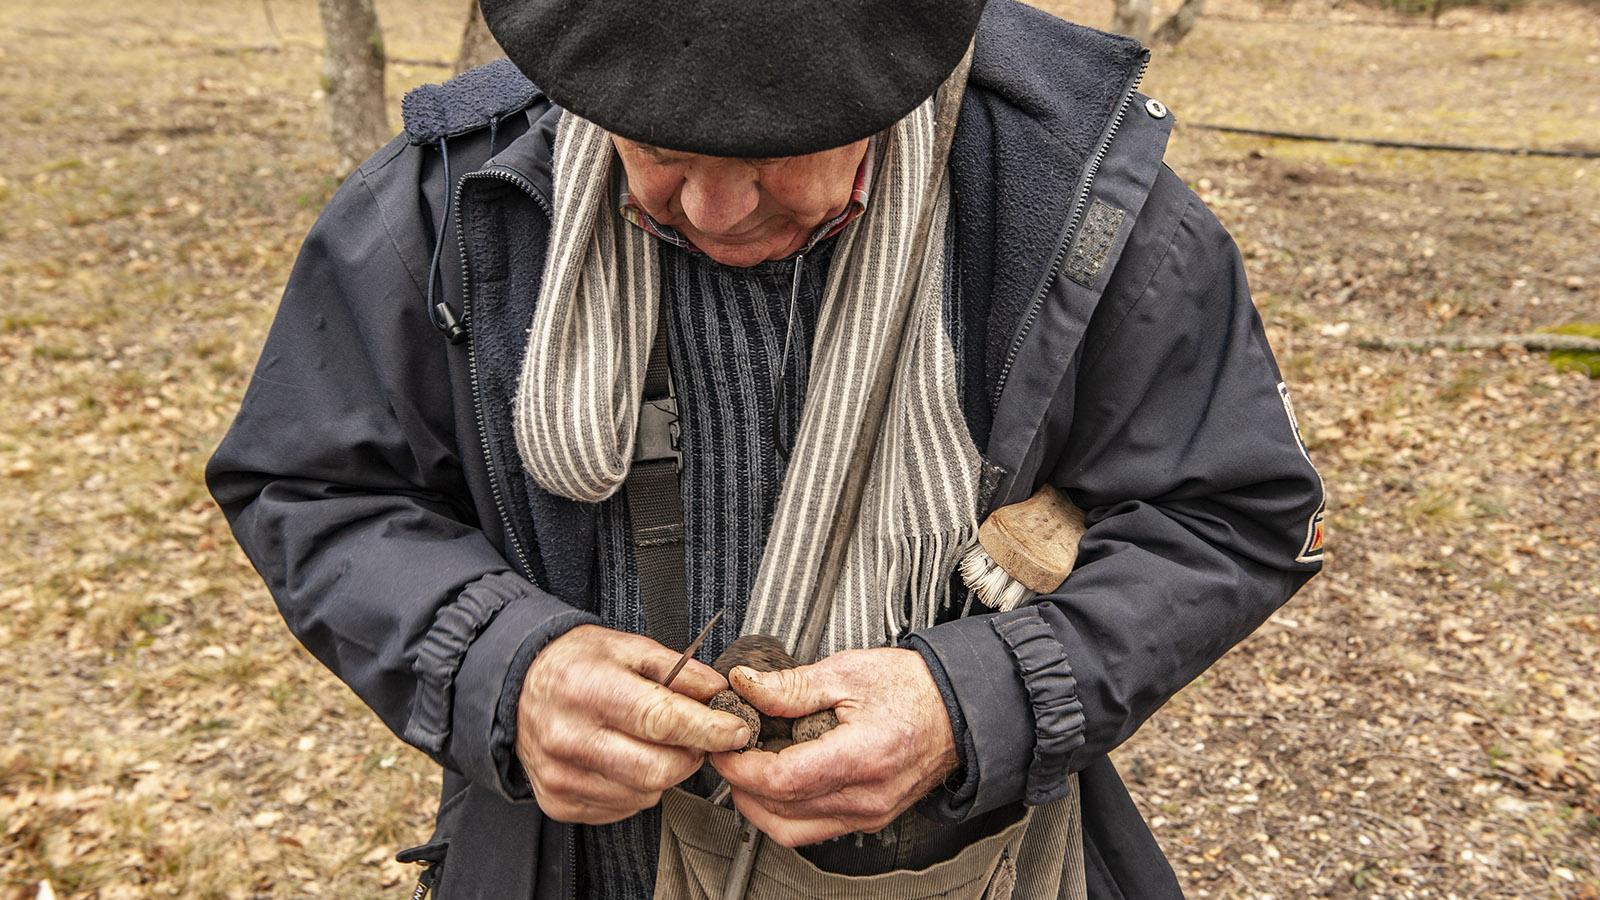 Der Trüffelbauer der Domaine Fiac bürstet die Trüffel nach der Ernte erst einmal ordentlich ab. Foto: Hilke Maunder